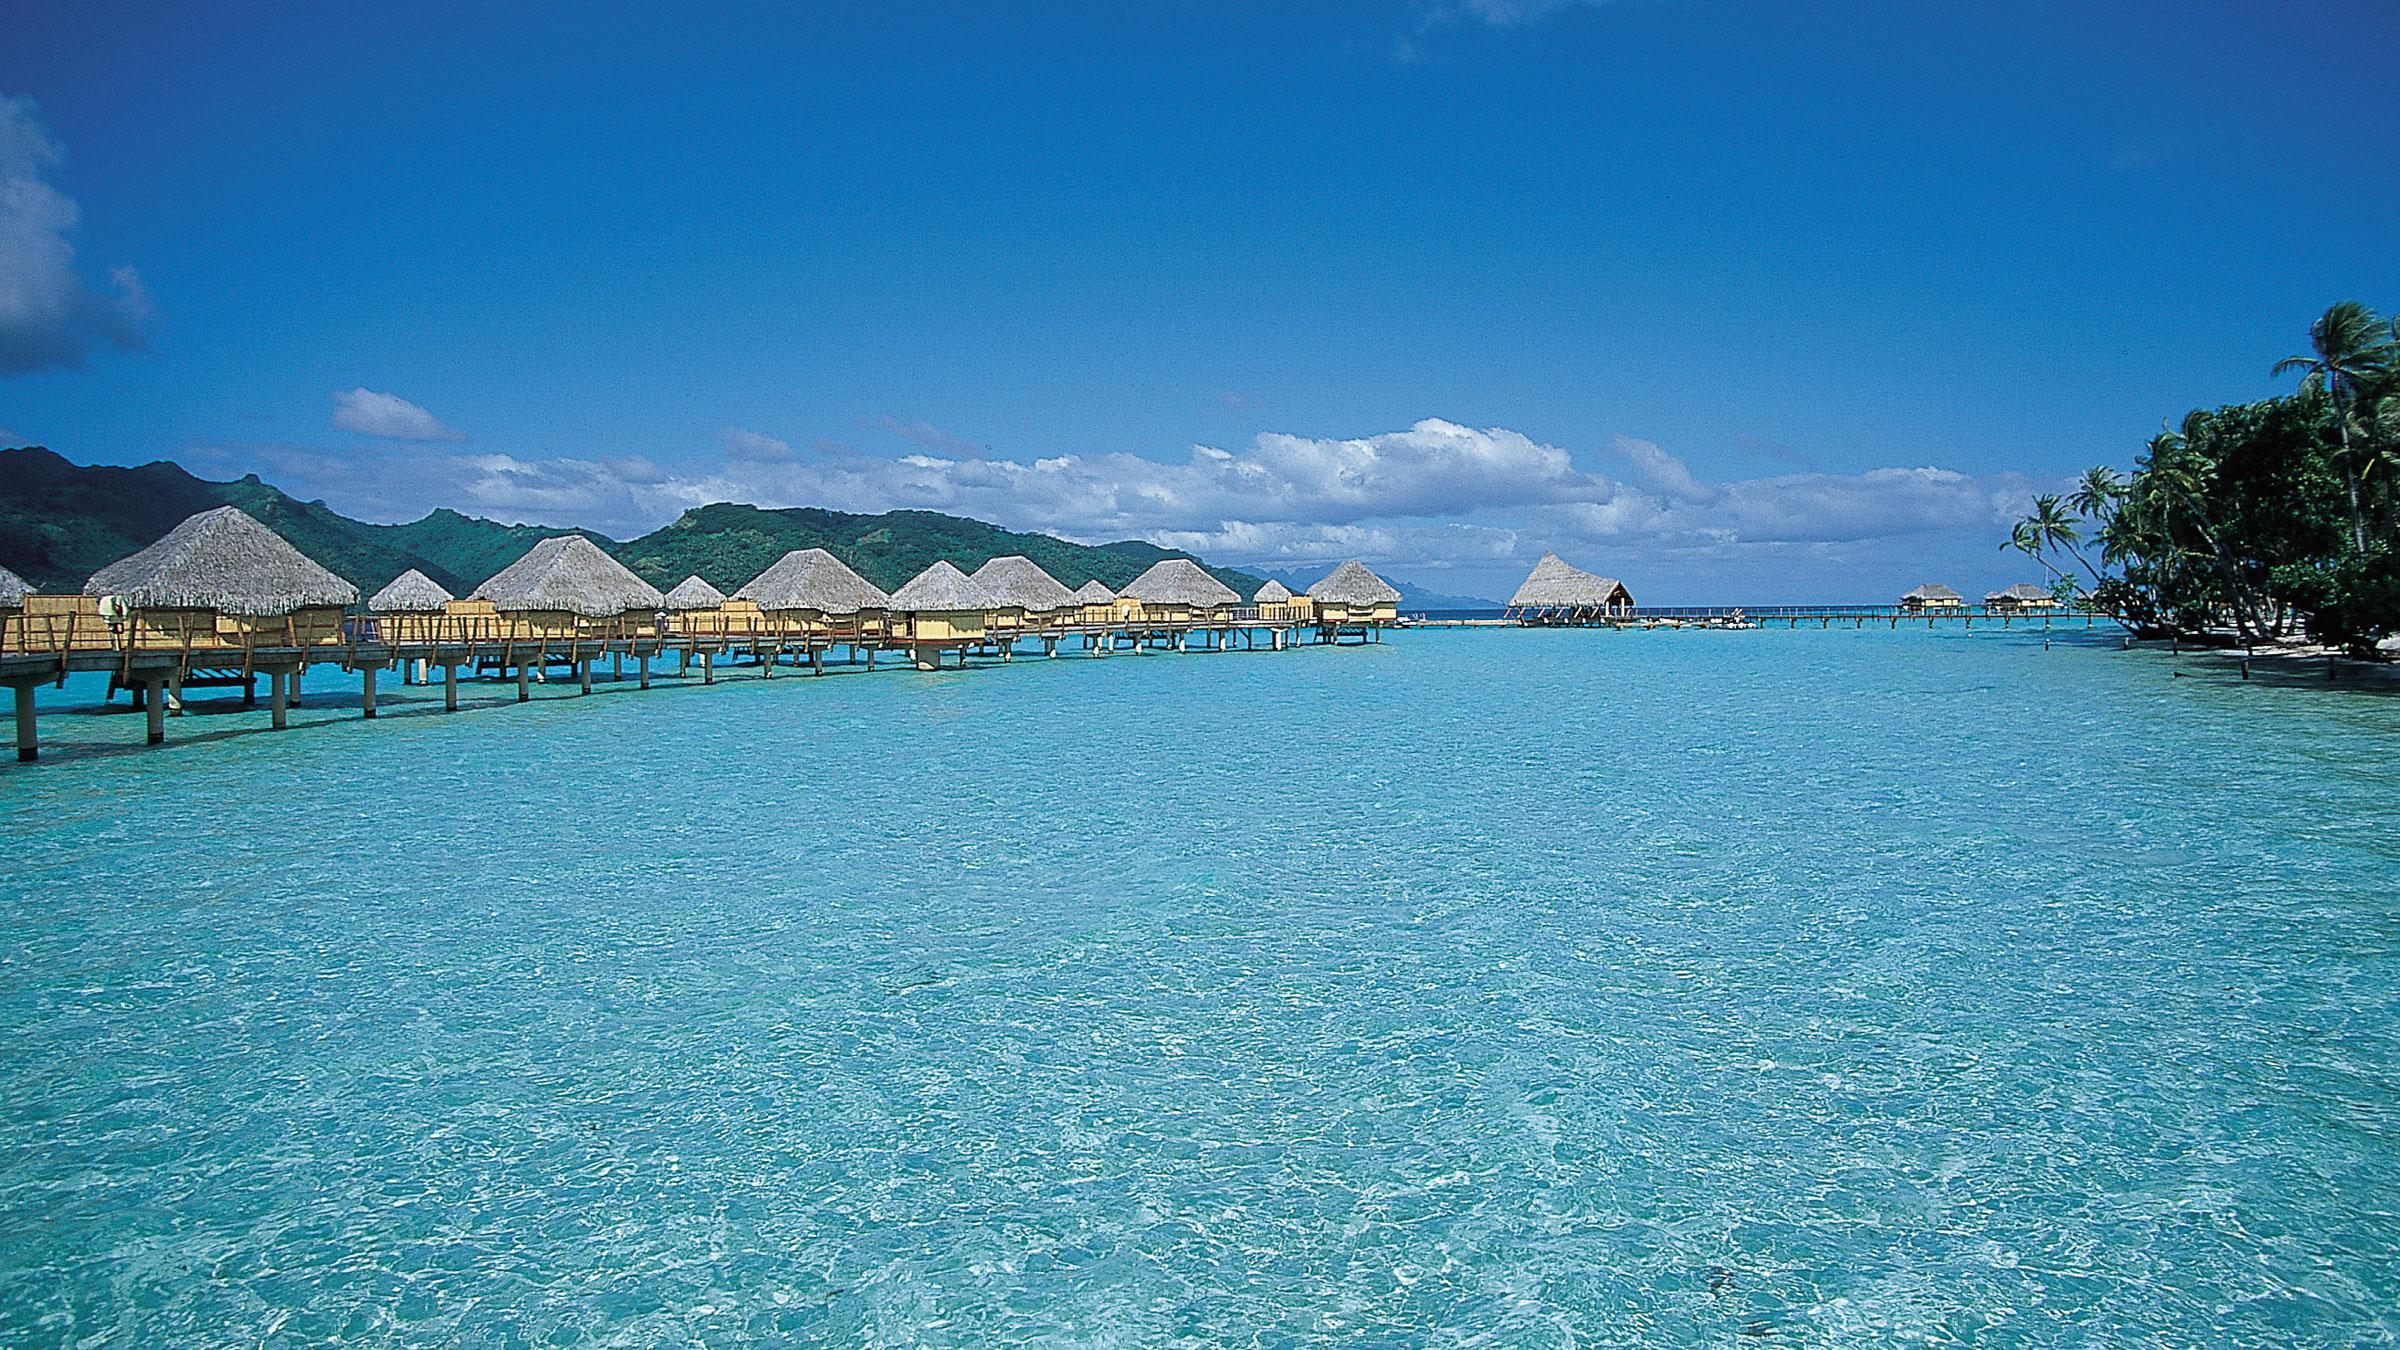 Hovering Huttes à Bora Bora